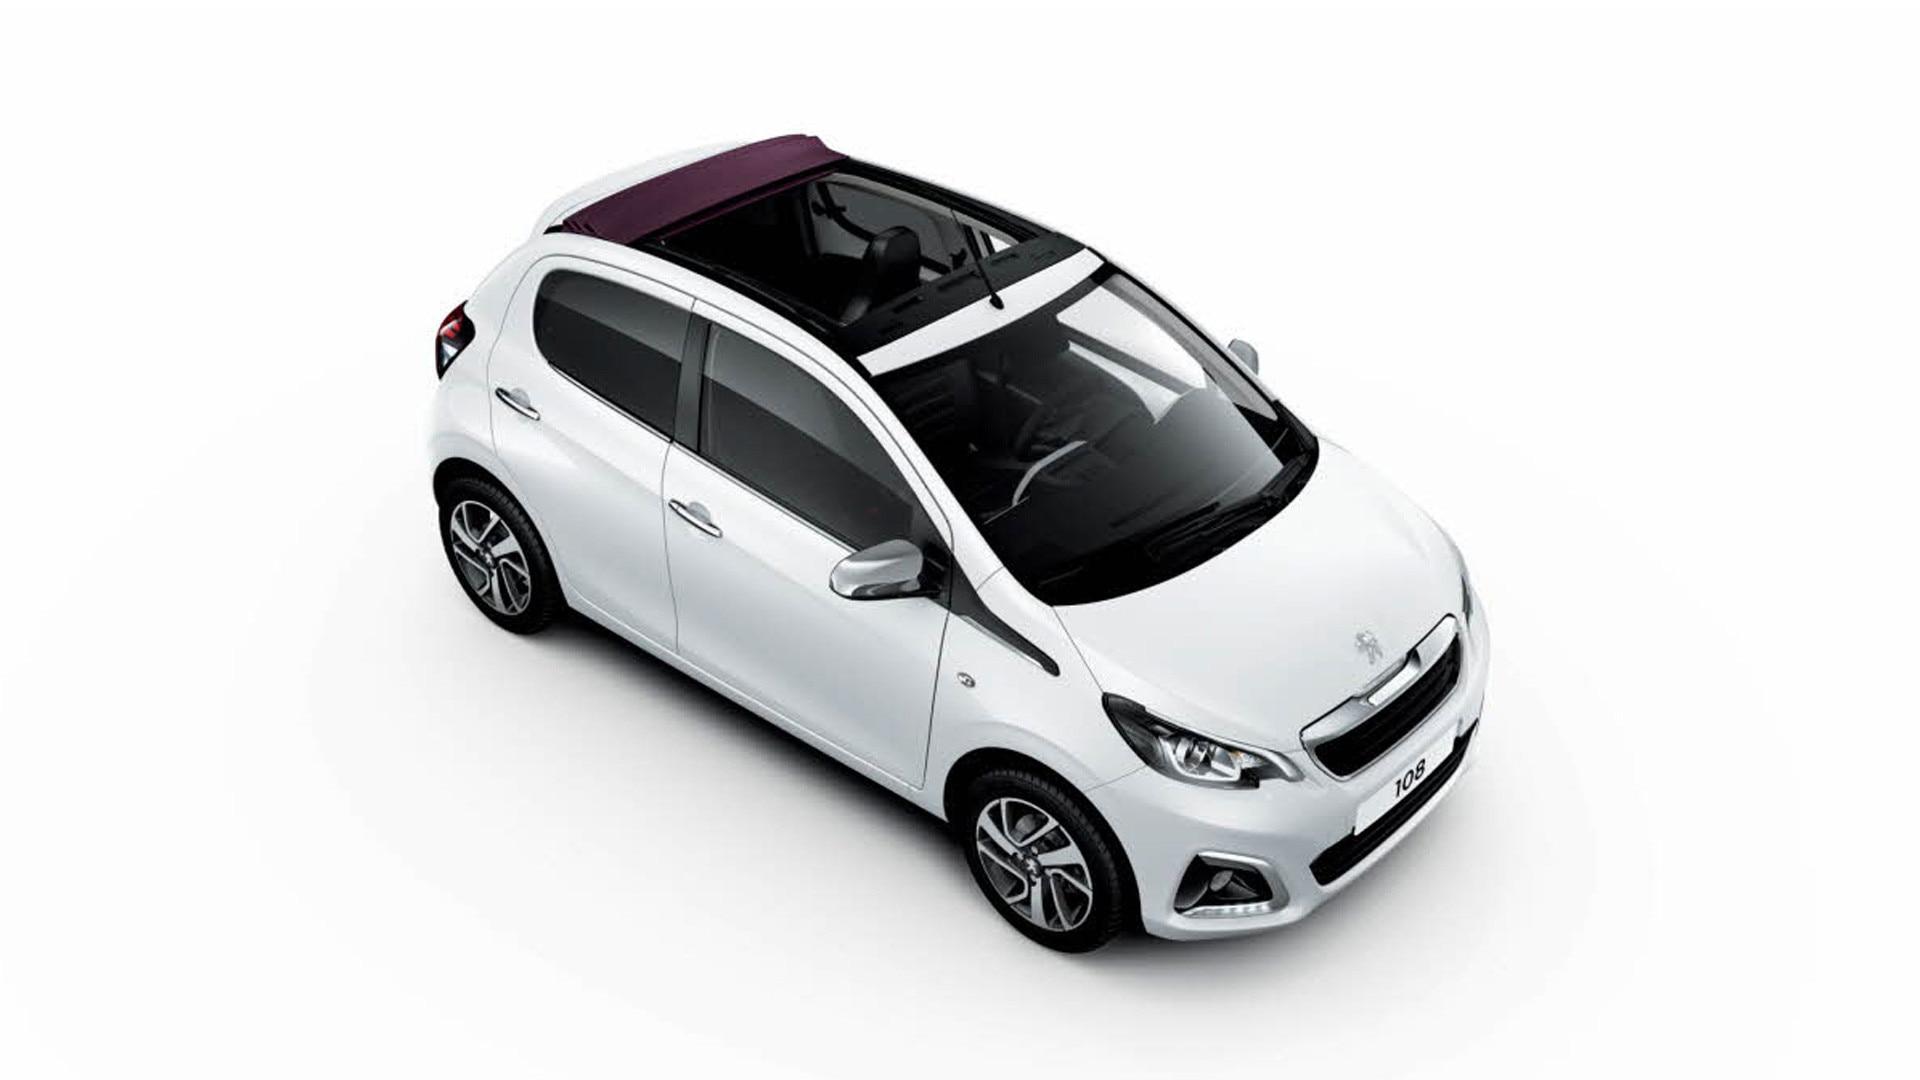 Peugeot Portes Photos Et Vidéos De La Voiture Citadine Peugeot - Peugeot 108 3 portes